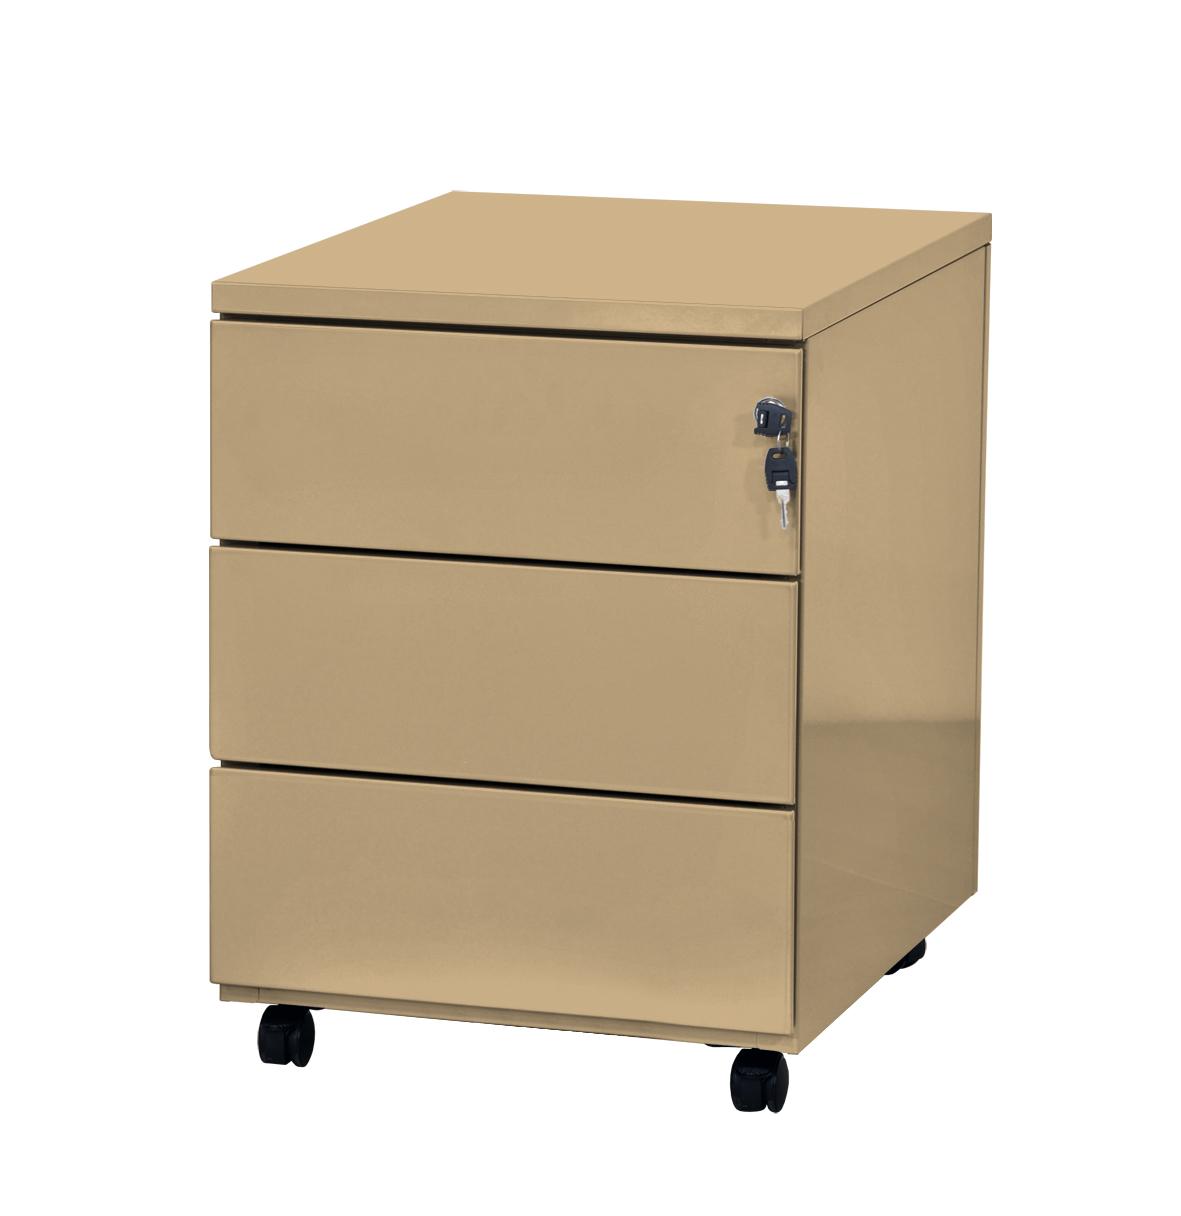 Caisson mobile - 3 tiroirs - beige - 56,7 x 54,1 x 41,8 cm